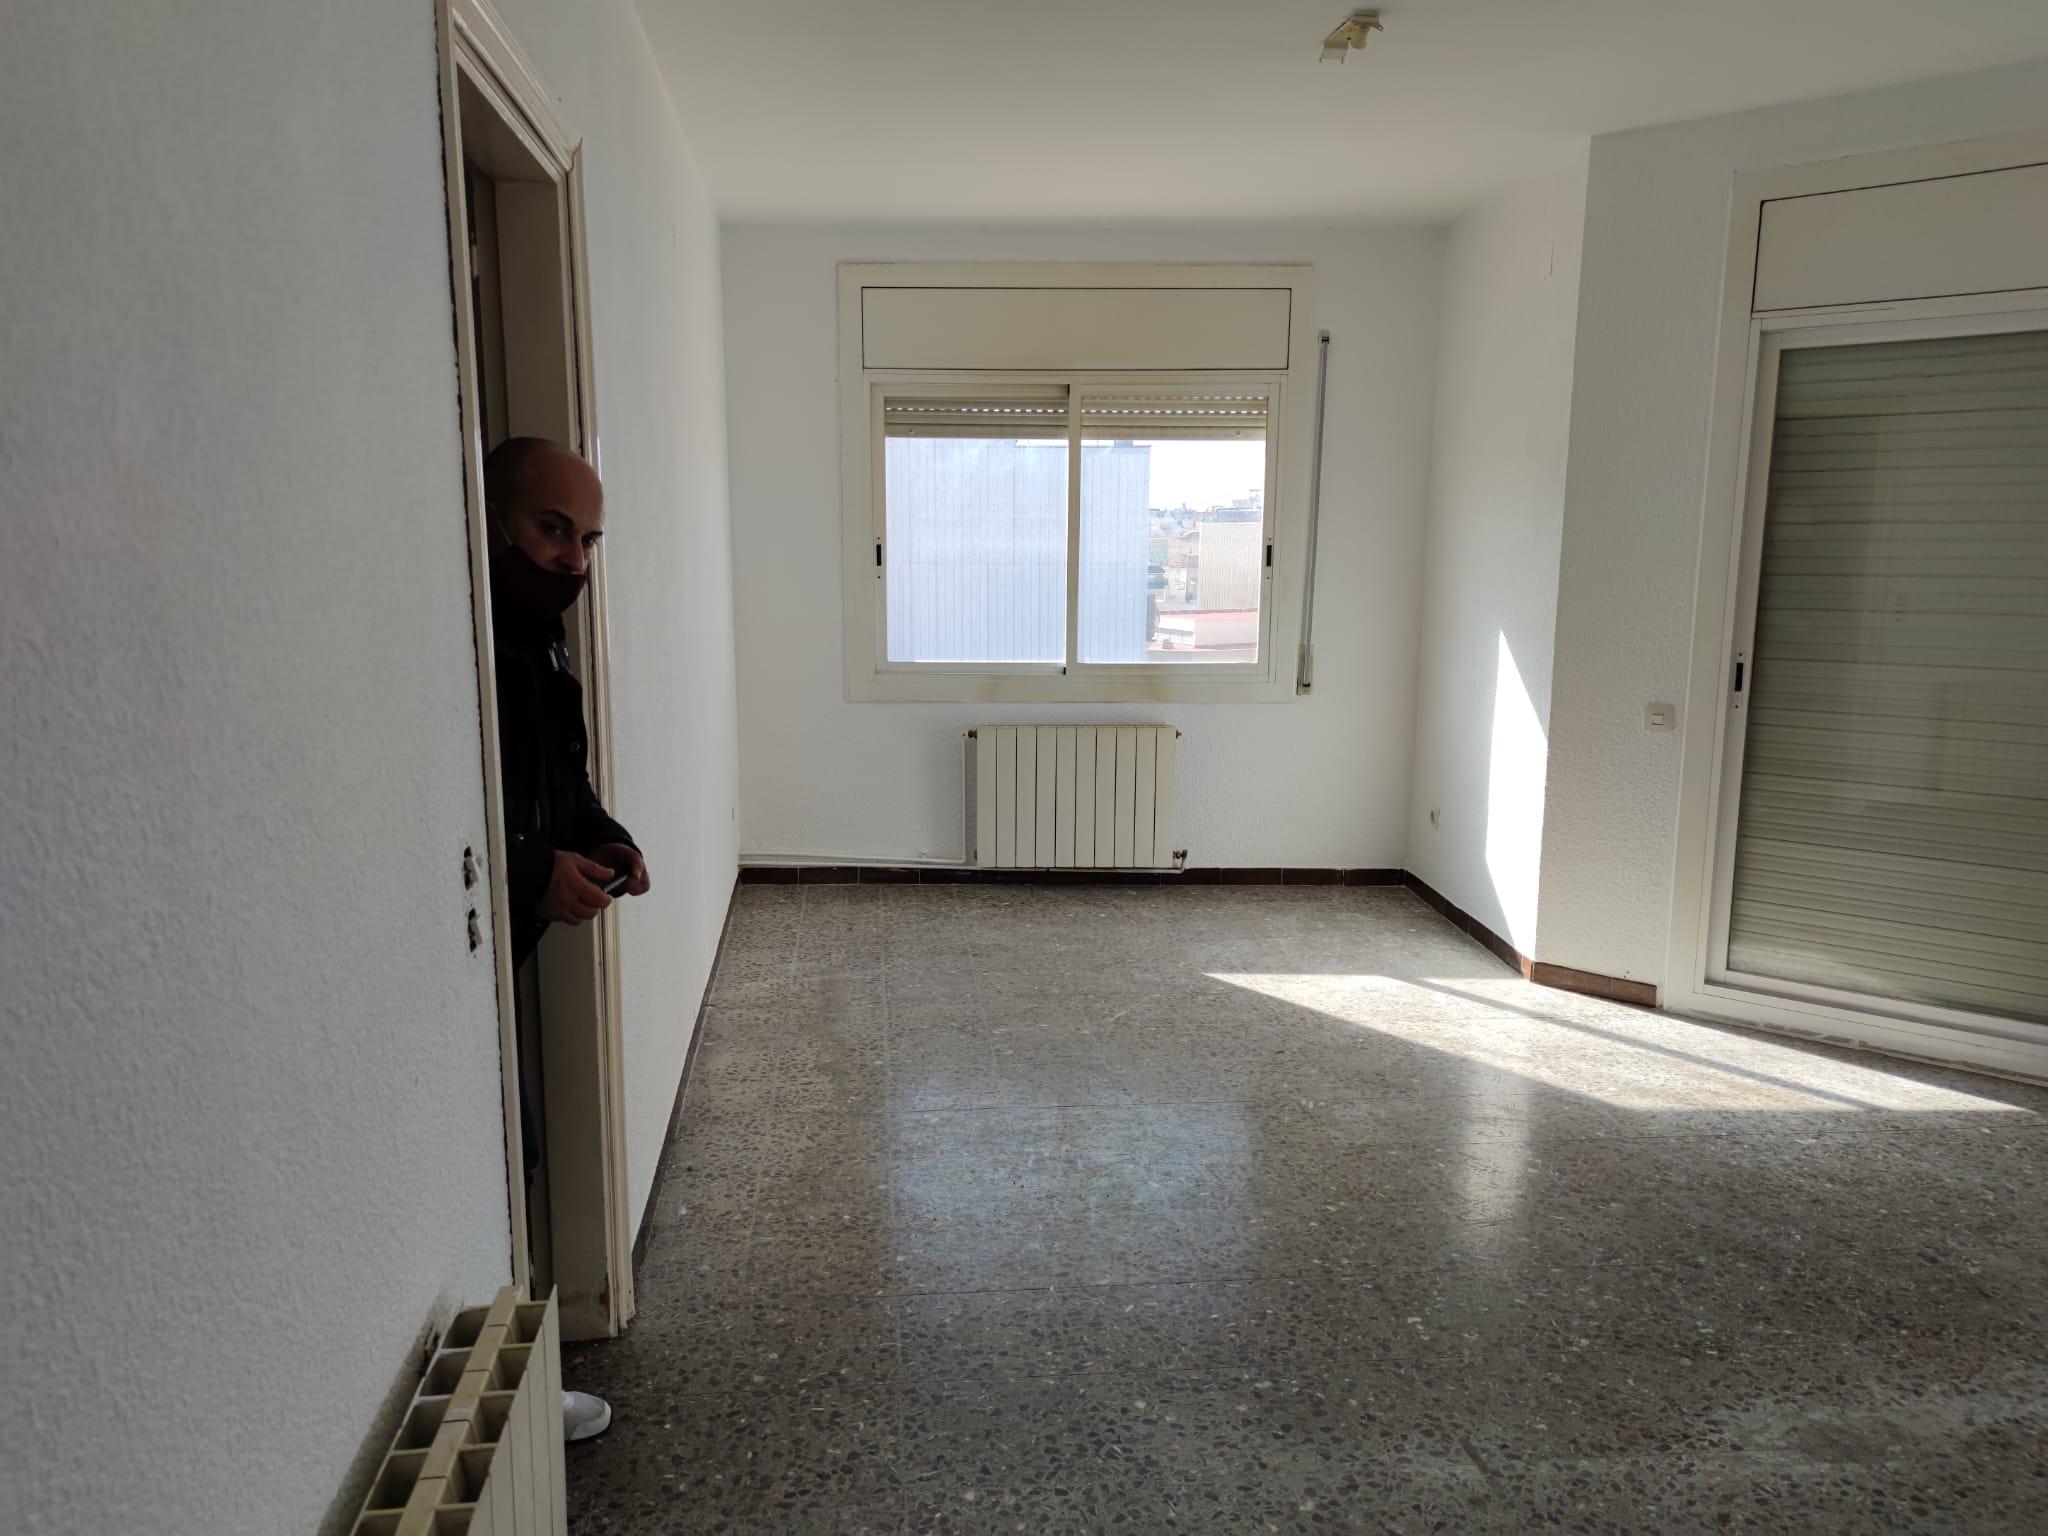 Piso en venta en Les Roquetes del Garraf, Sant Pere de Ribes, Barcelona, Calle  Edisson, 129.000 €, 3 habitaciones, 1 baño, 108 m2